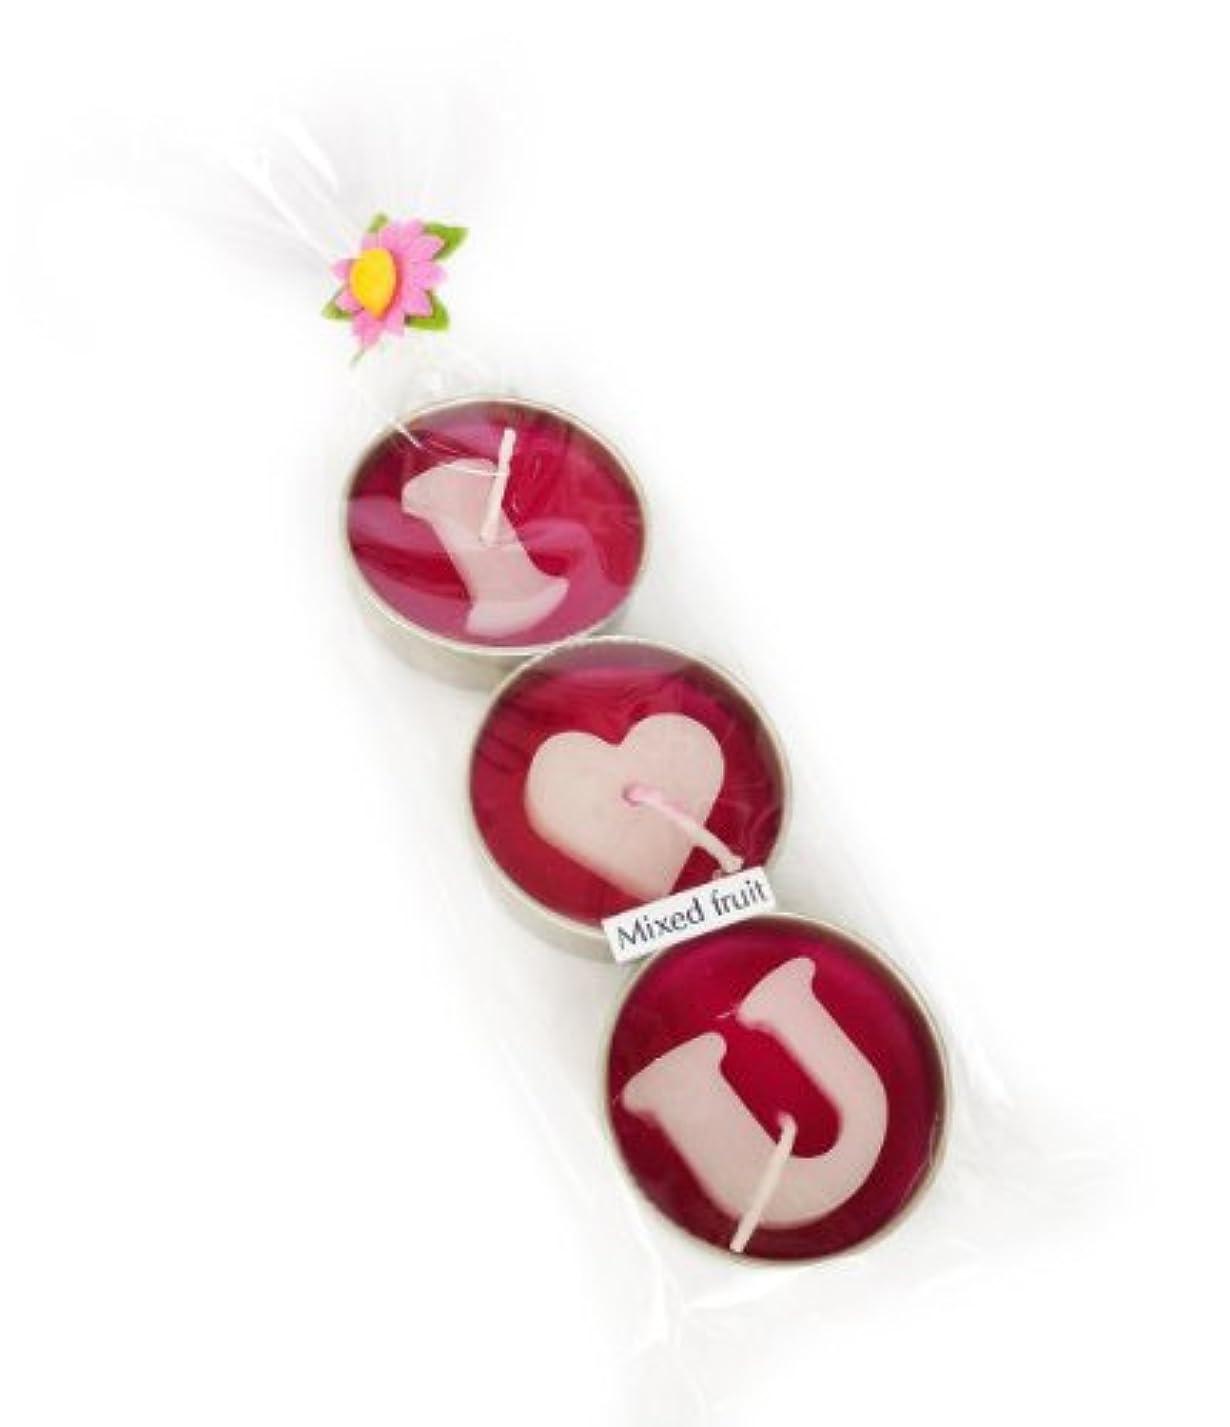 ミサイル九月ジェムアロマキャンドル/ラブキャンドル/ILoveU/モーク/ロウソク/ろうそ/1パック3個入り/(1Pack  3pc I love U Candle) (Mixed Fruit)